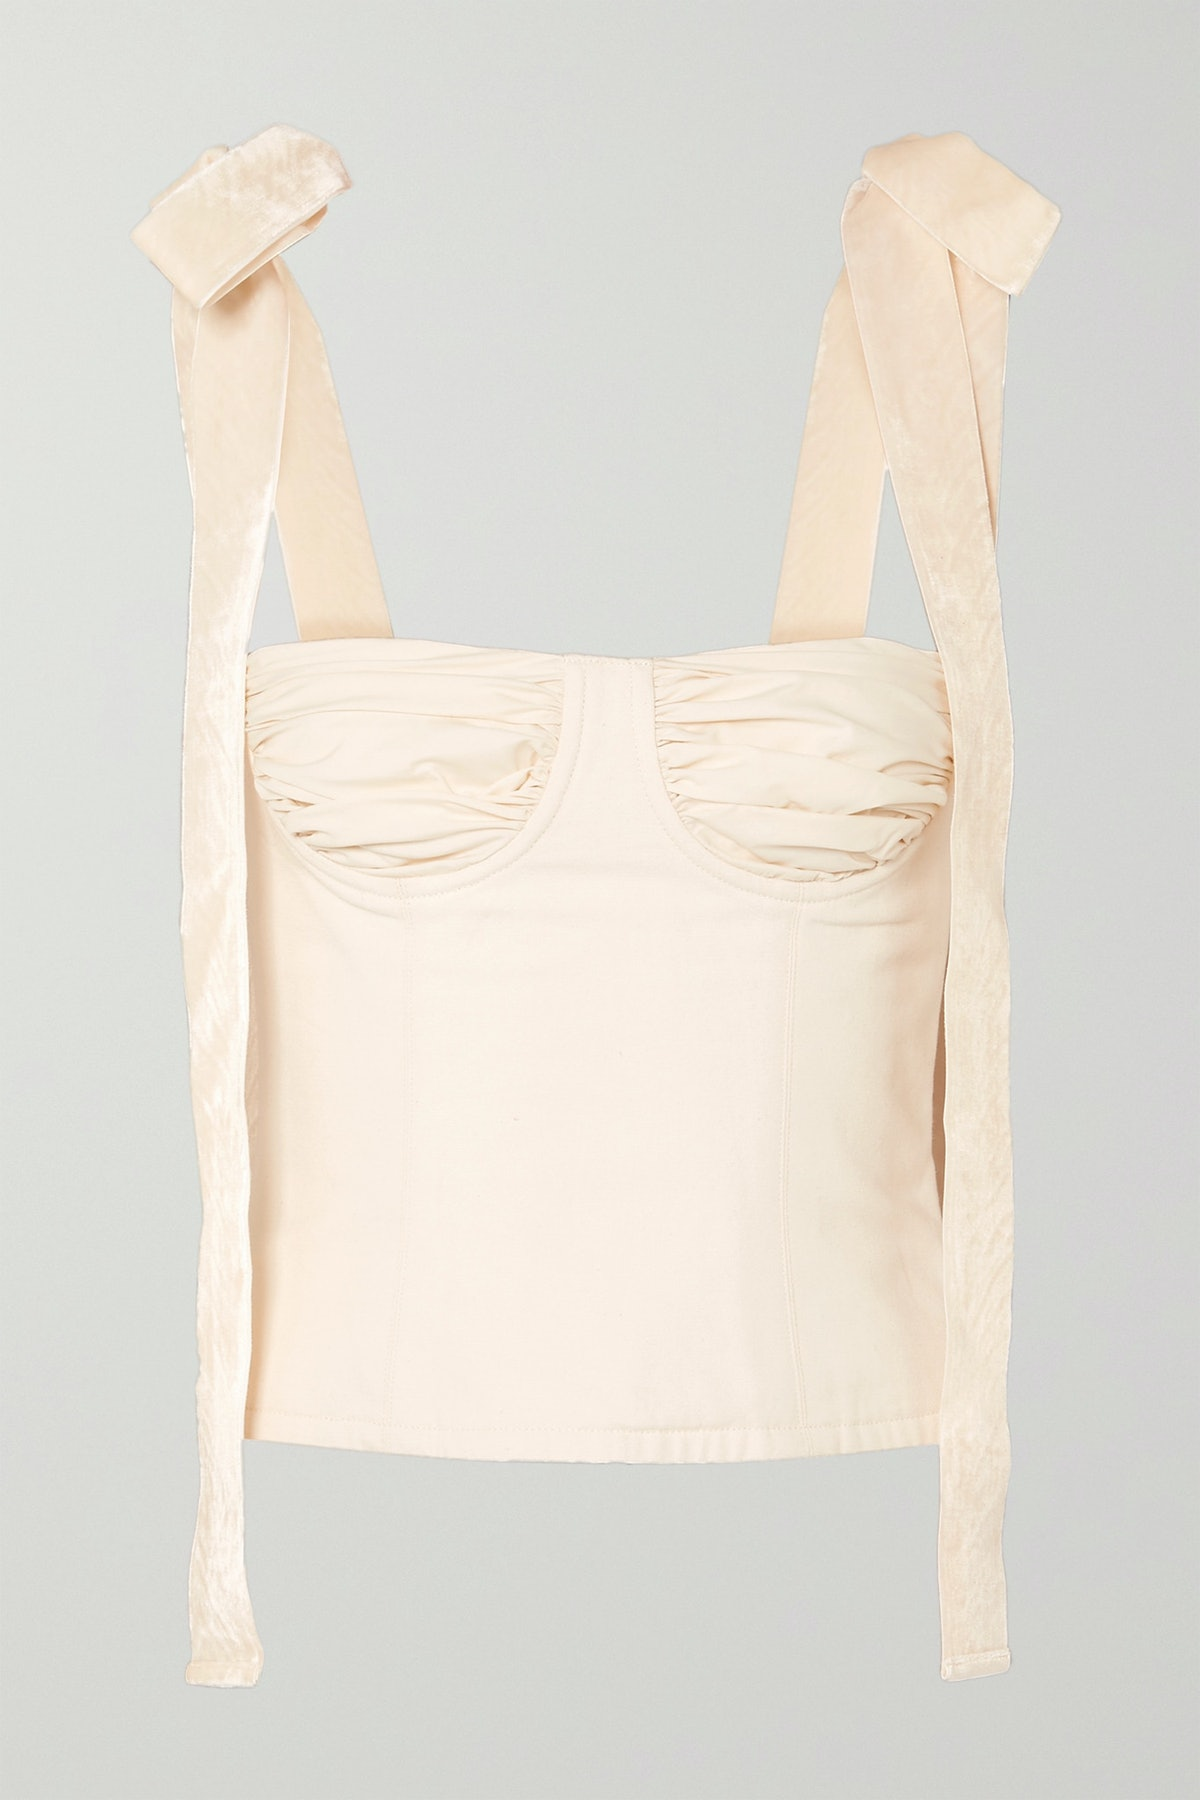 Velvet-Trimmed Cotton-Canvas Bustier Top